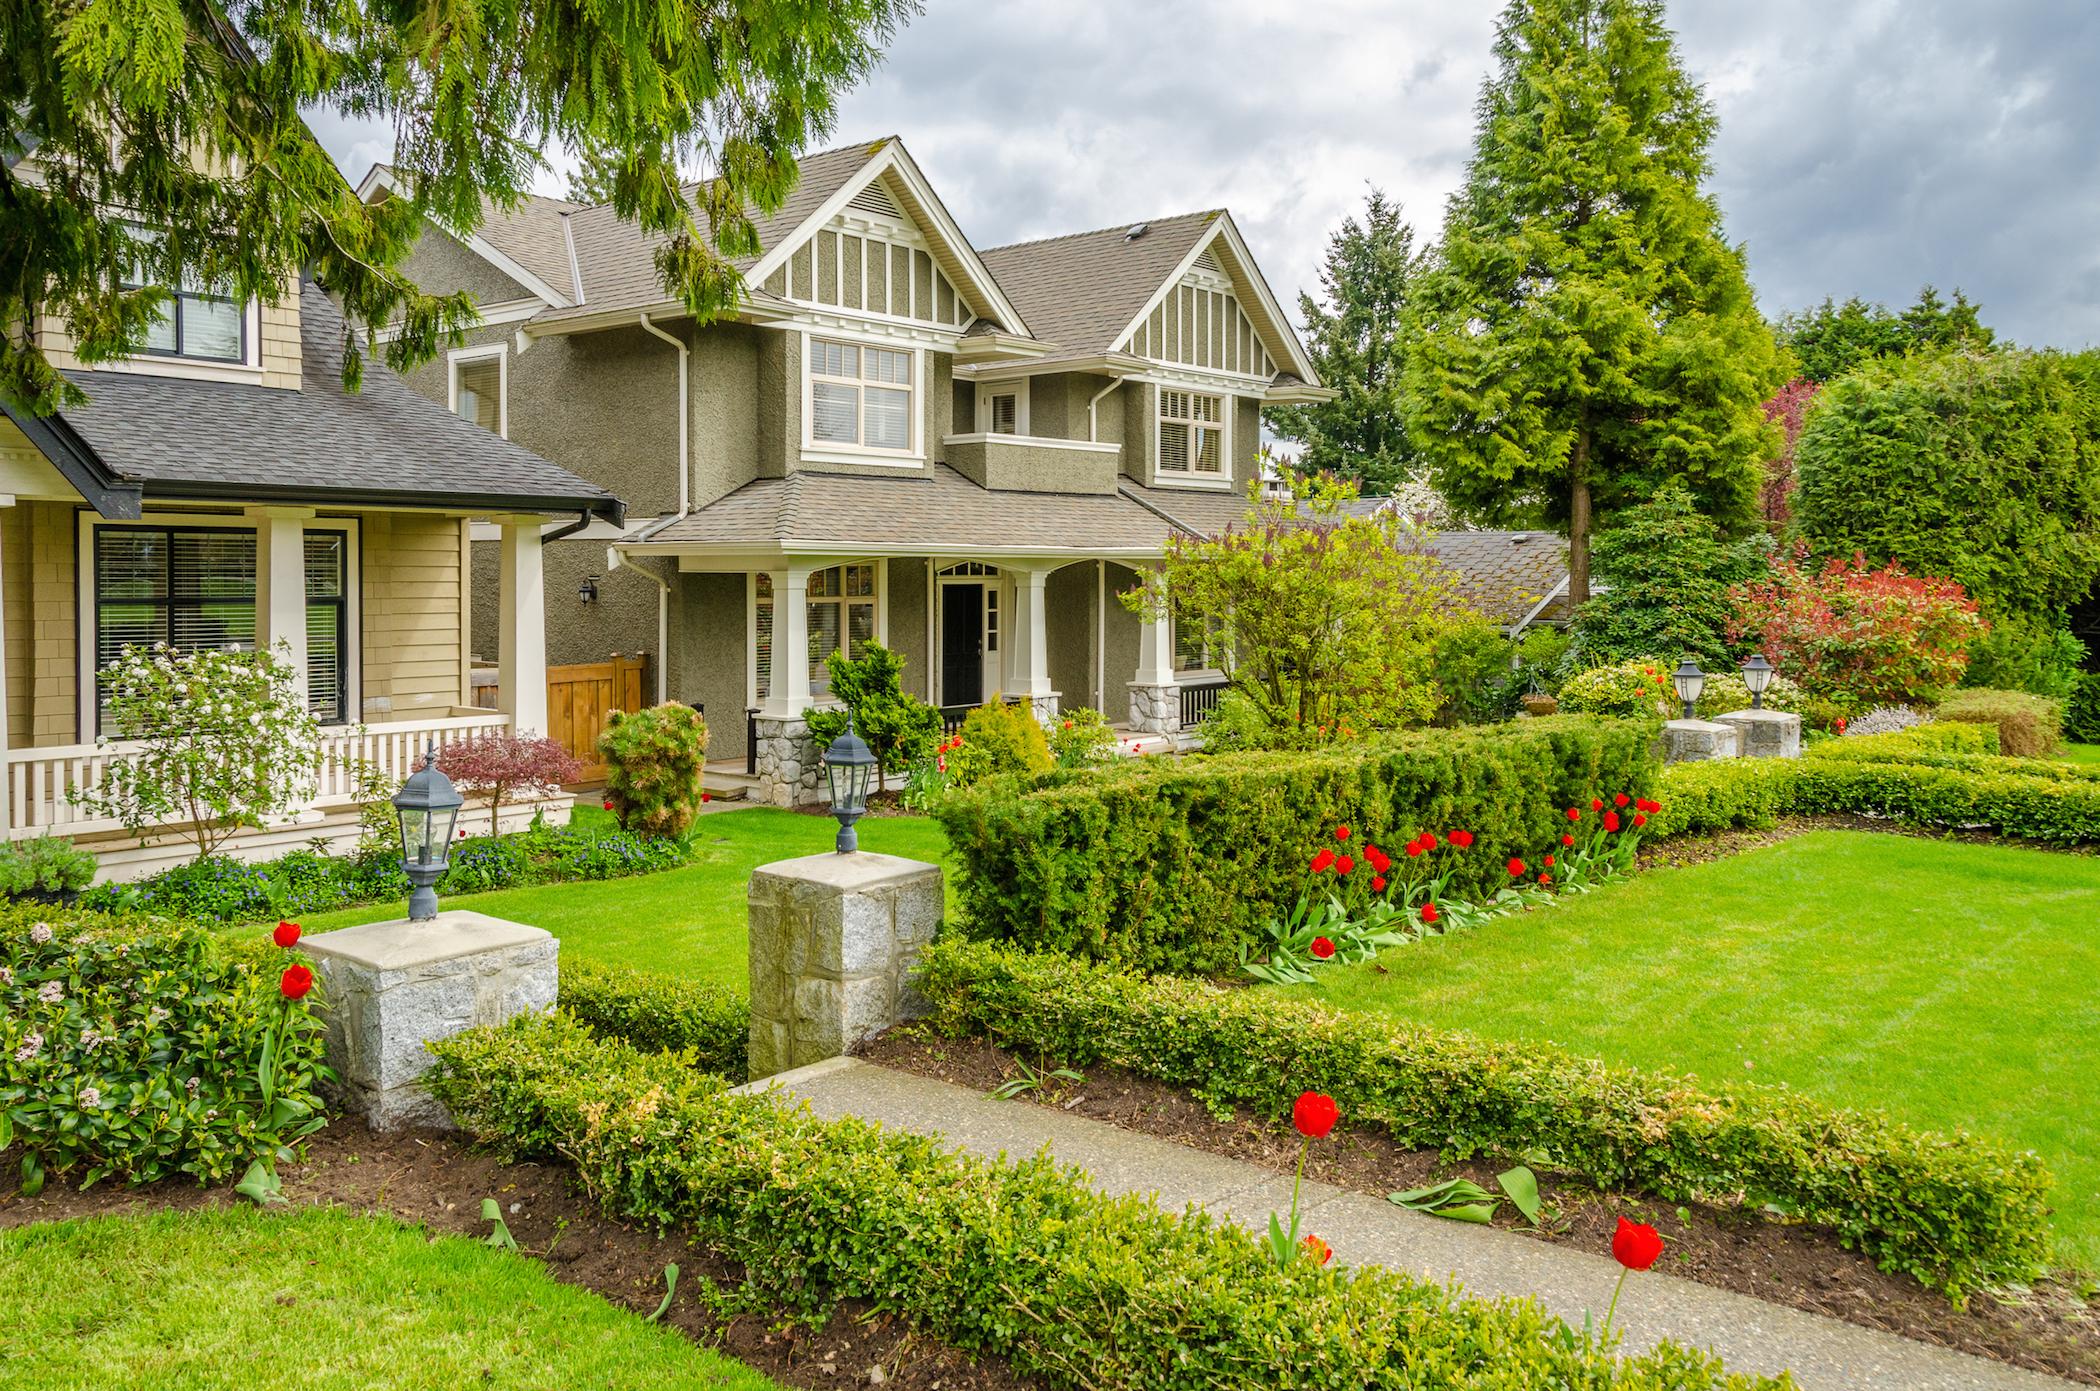 jacksonville north carolina homes for sale real estate